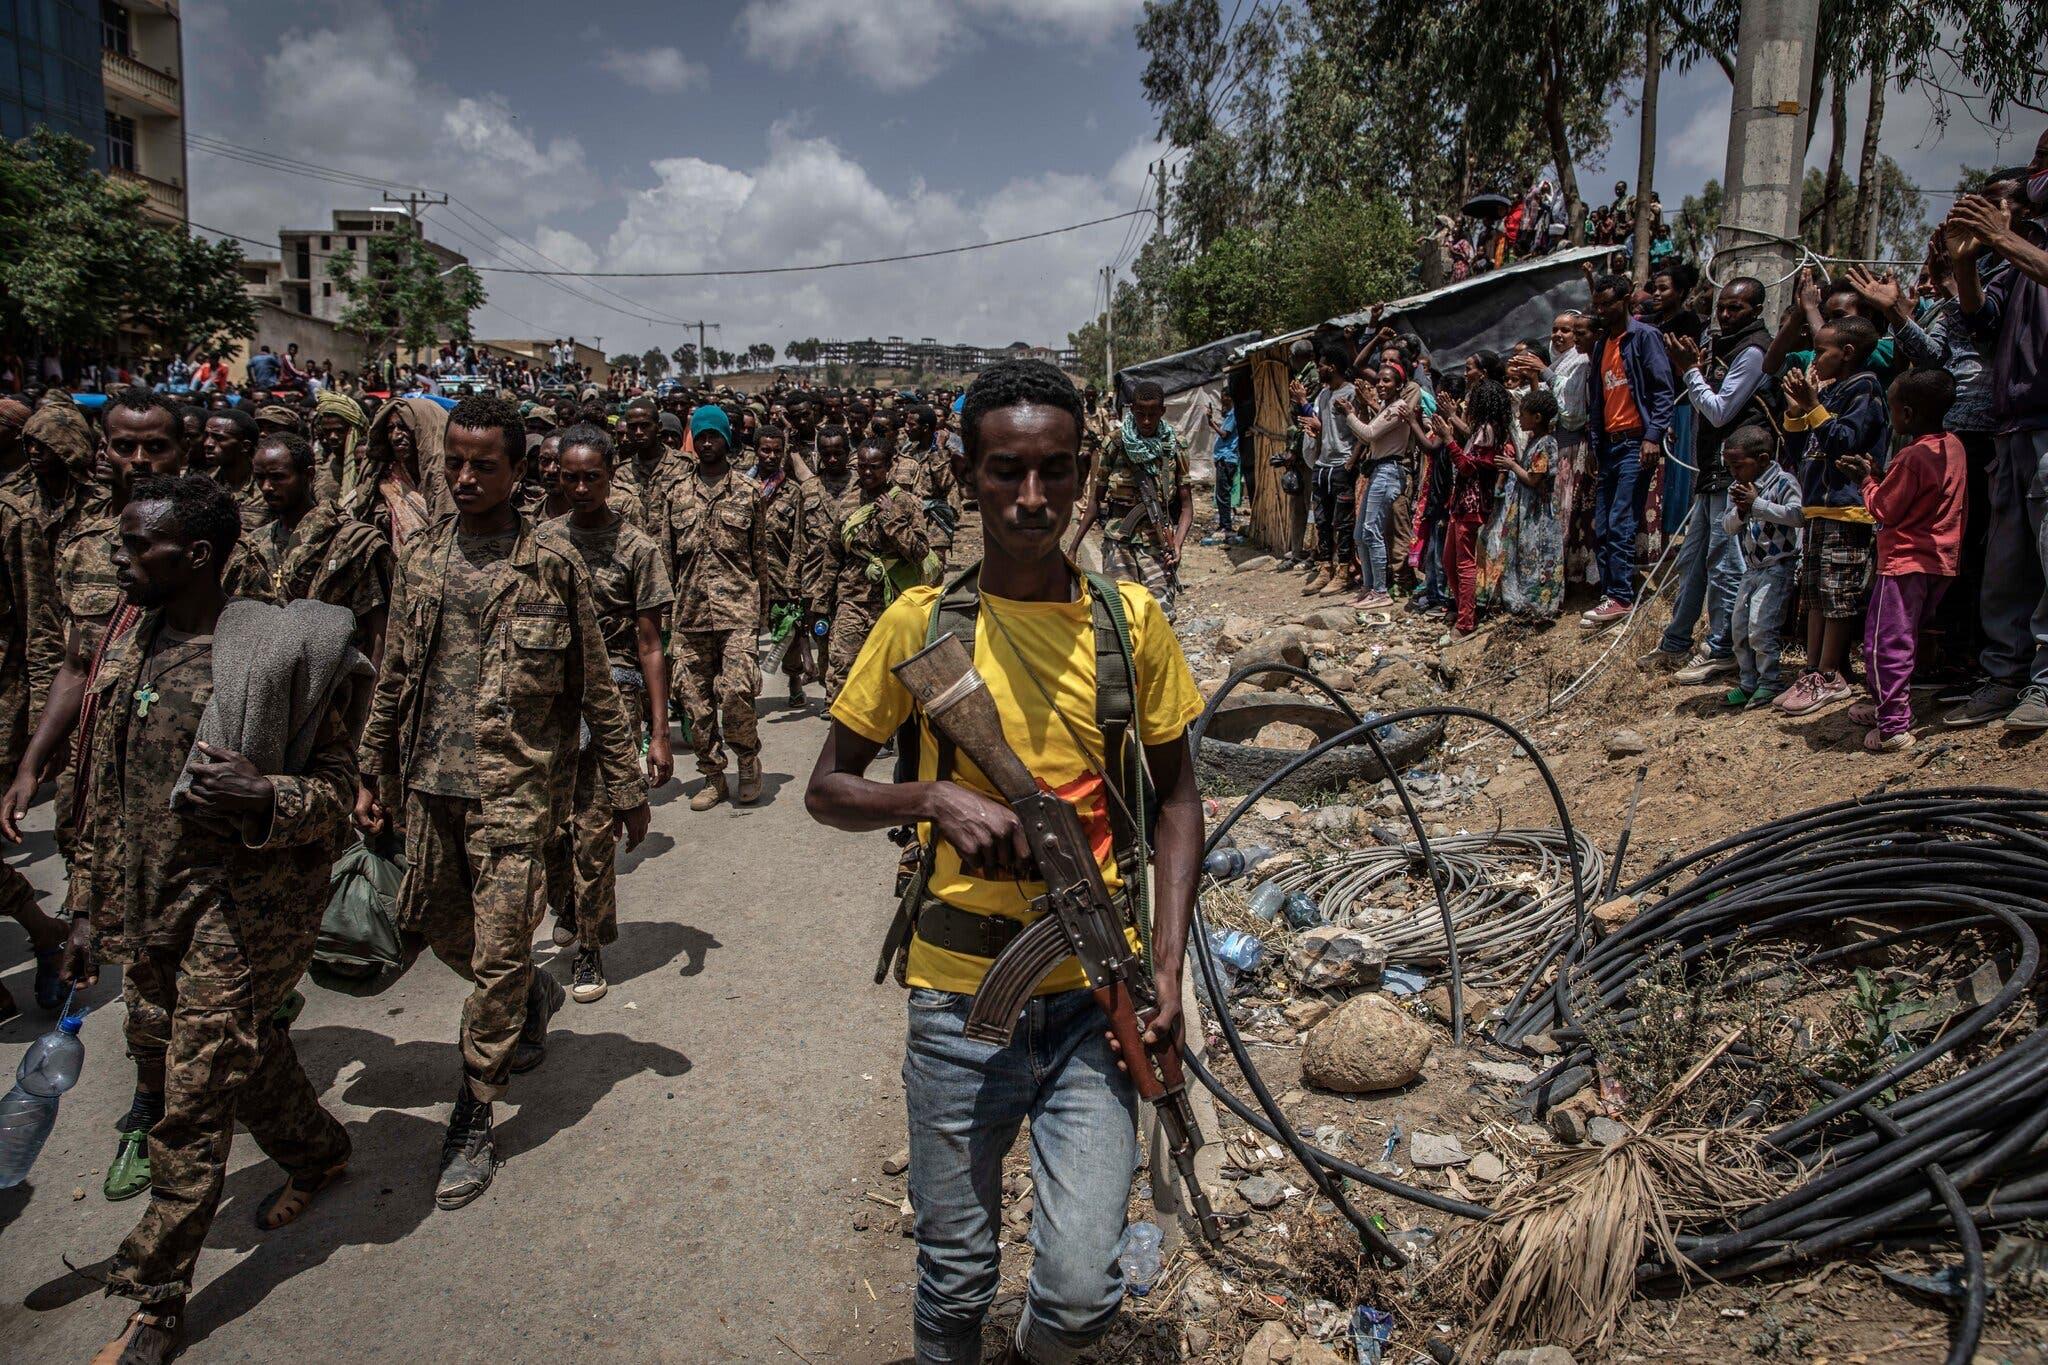 Sawirro: Tigrayga oo soo bandhigay 6,000 askari oo laga qabsaday Ethiopia